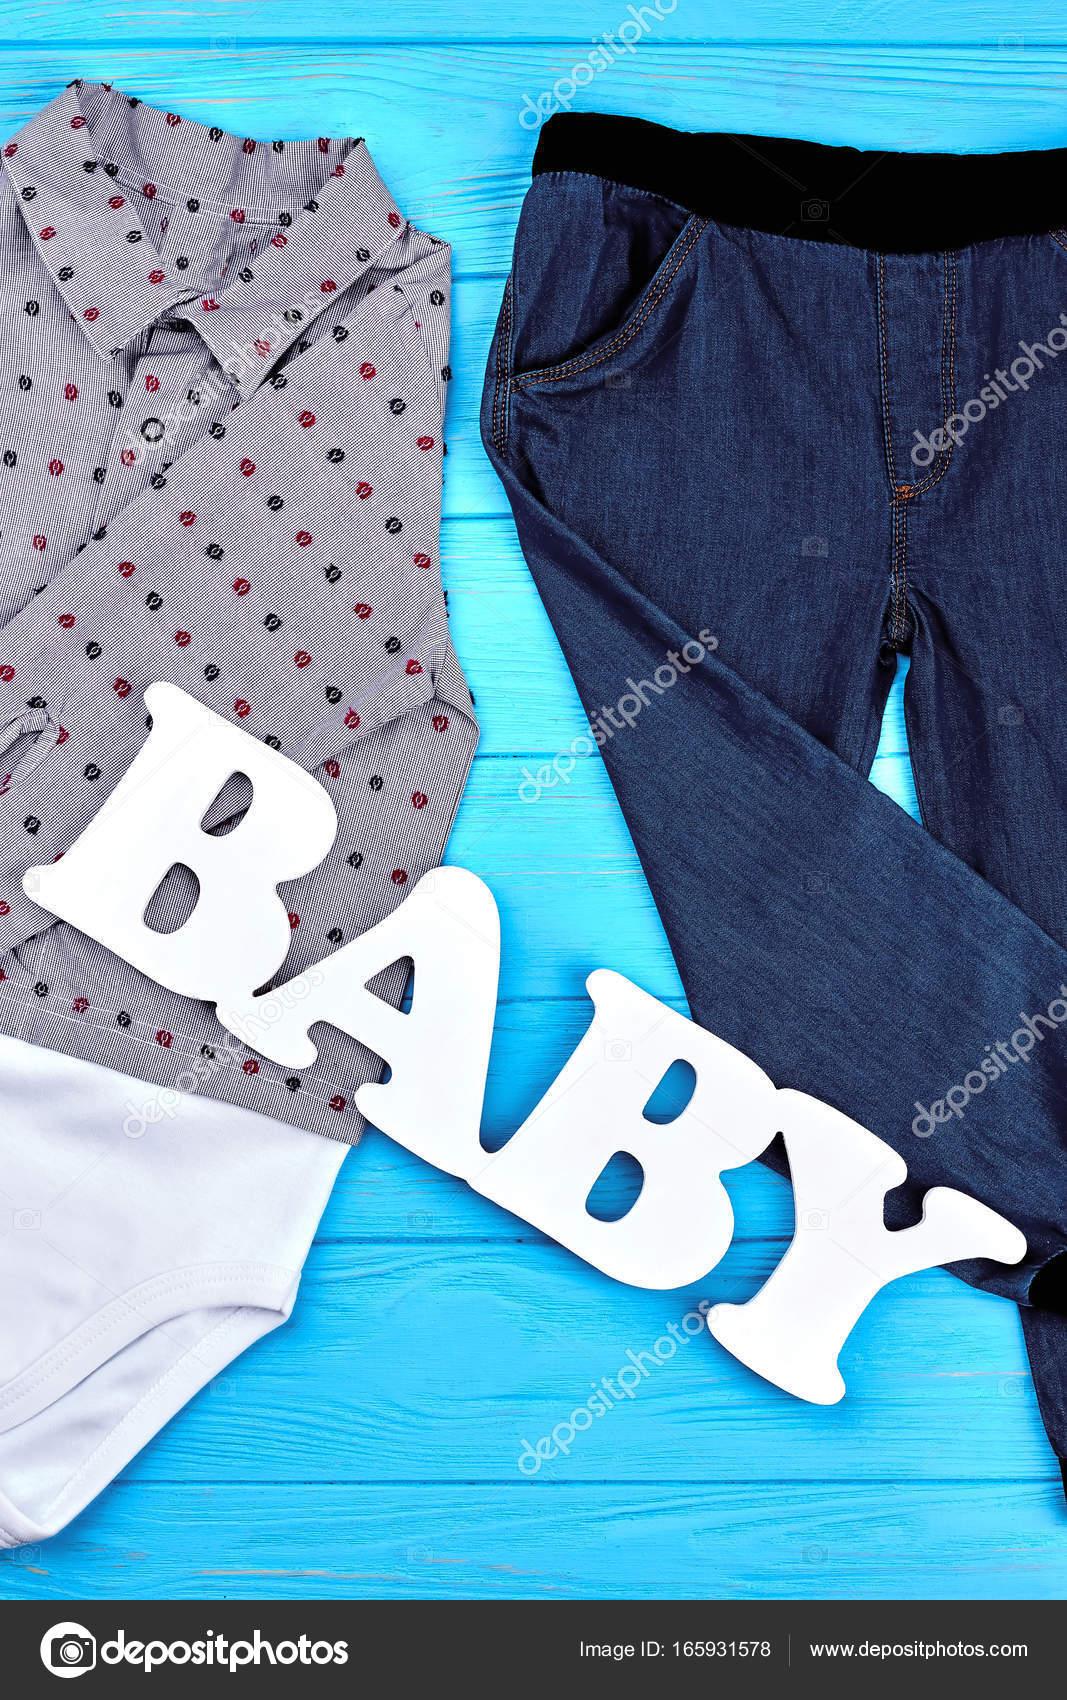 9c0dae2c2 Ropa de alta calidad para niños pequeños. Nueva ropa de moda para bebé-niño.  Colección Kids de indumentaria moderna - fotos  fotografias de calidad para  ...